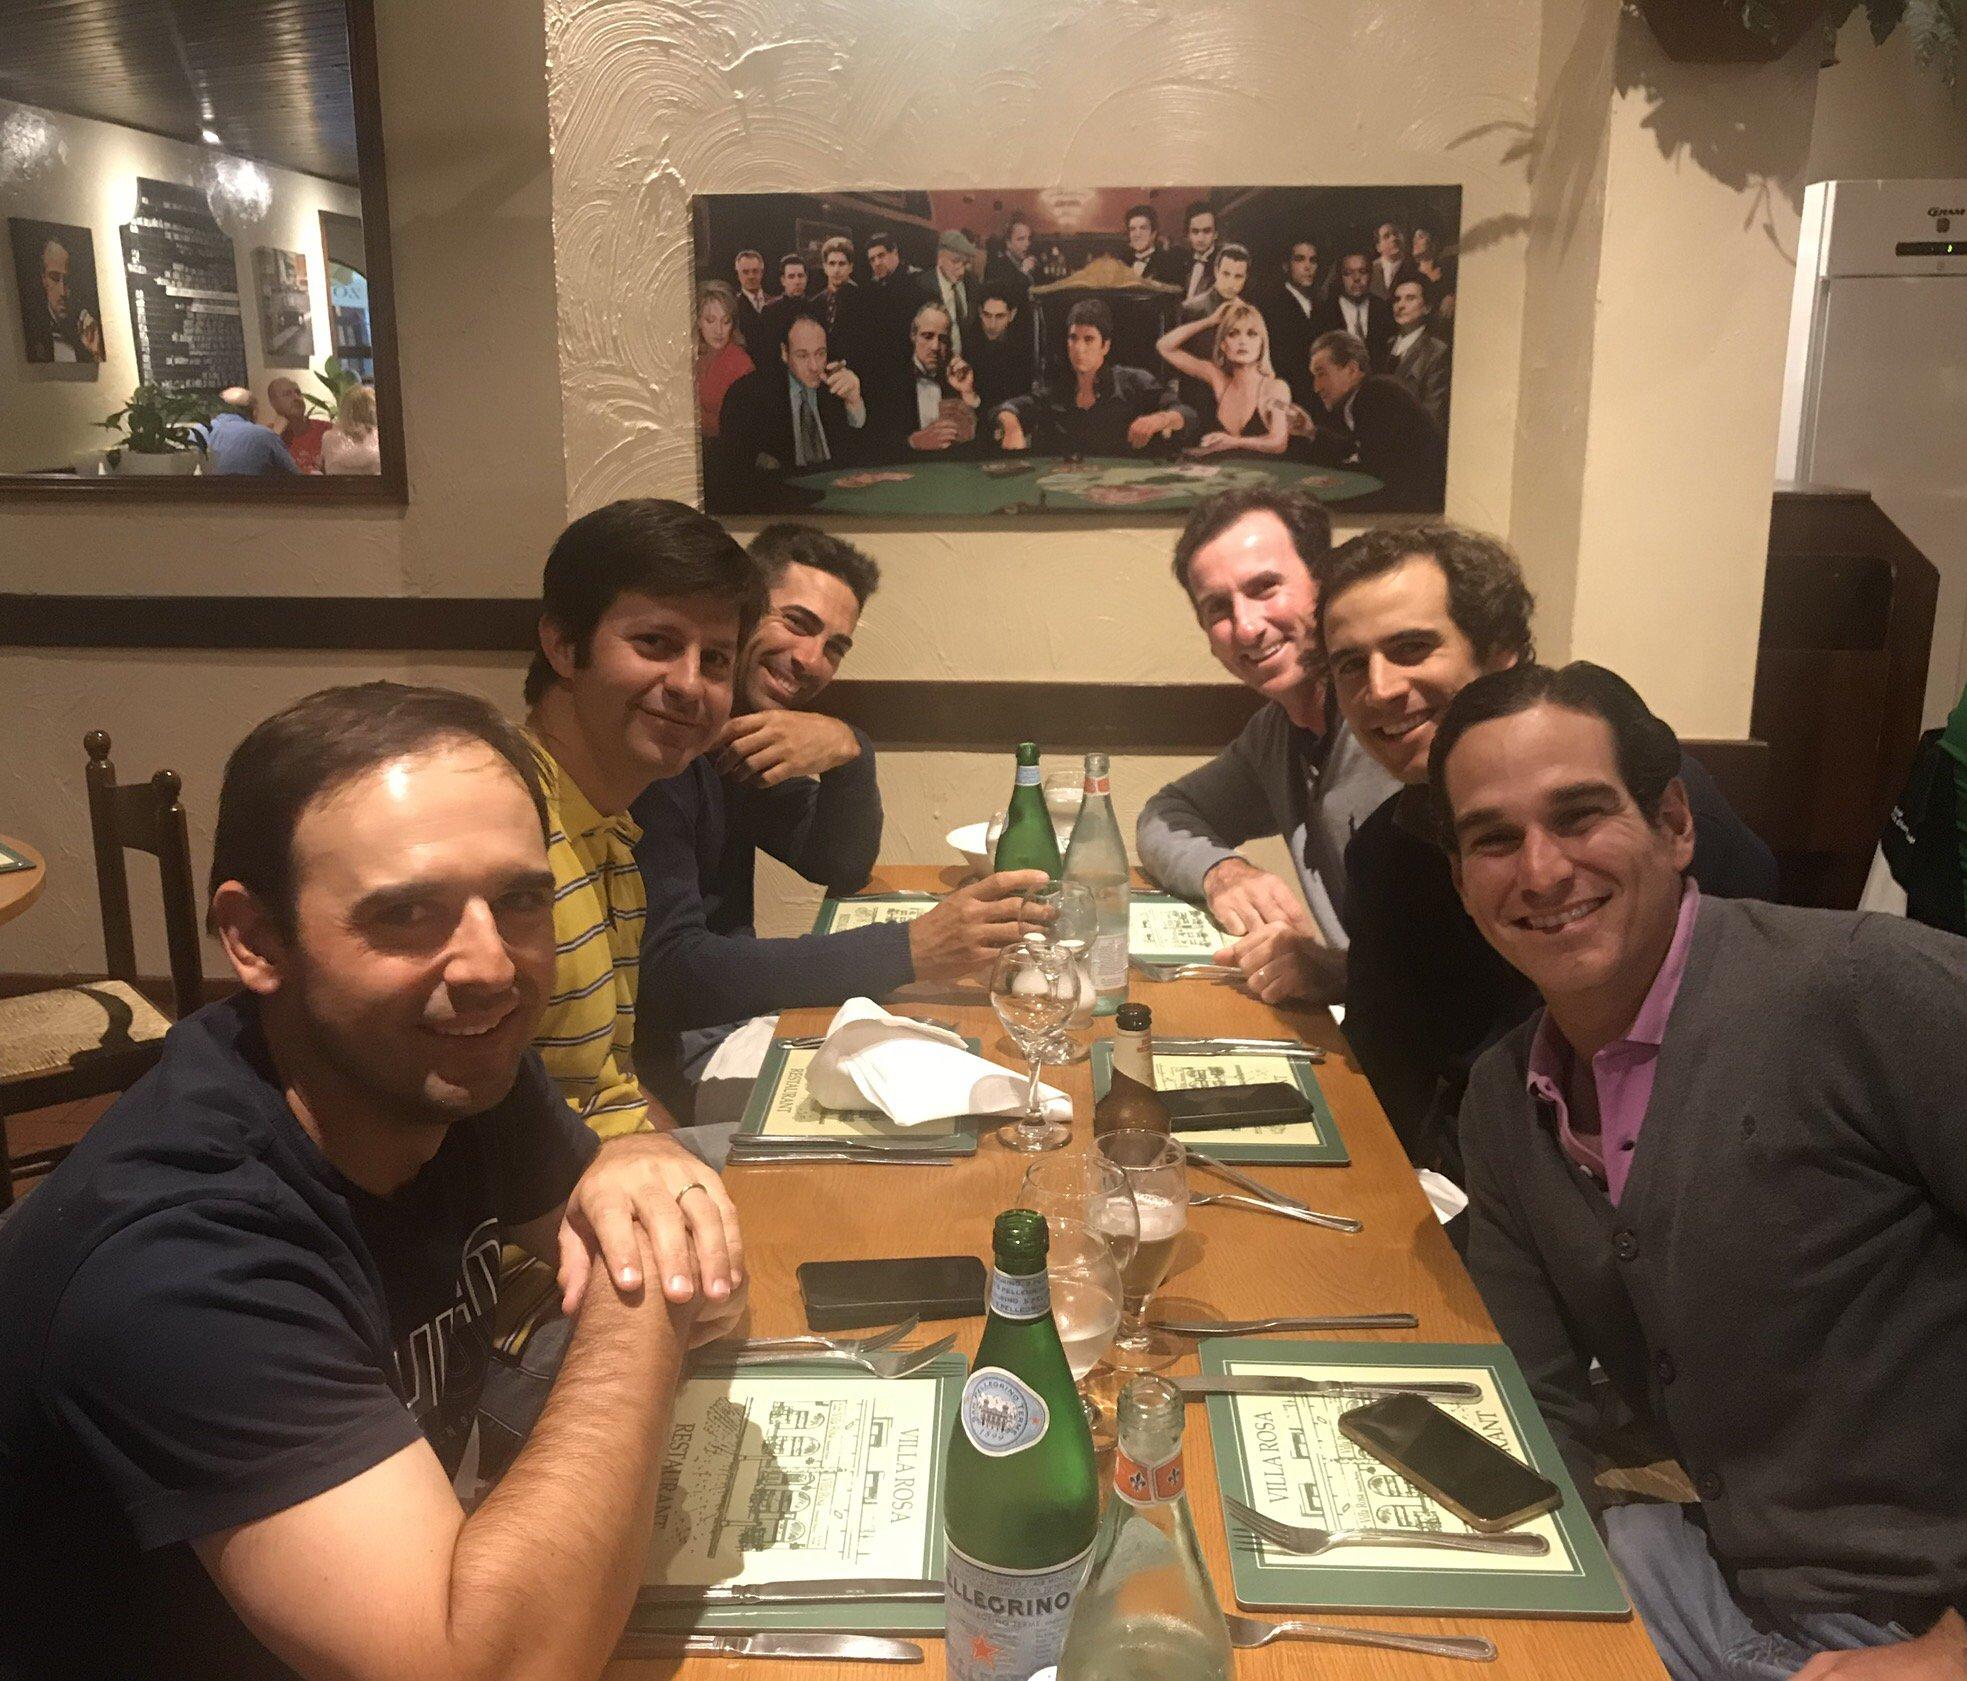 Cena de amigos bajo la atenta mirada de la cúpula del @PPopular https://t.co/MLOS6MfMYU